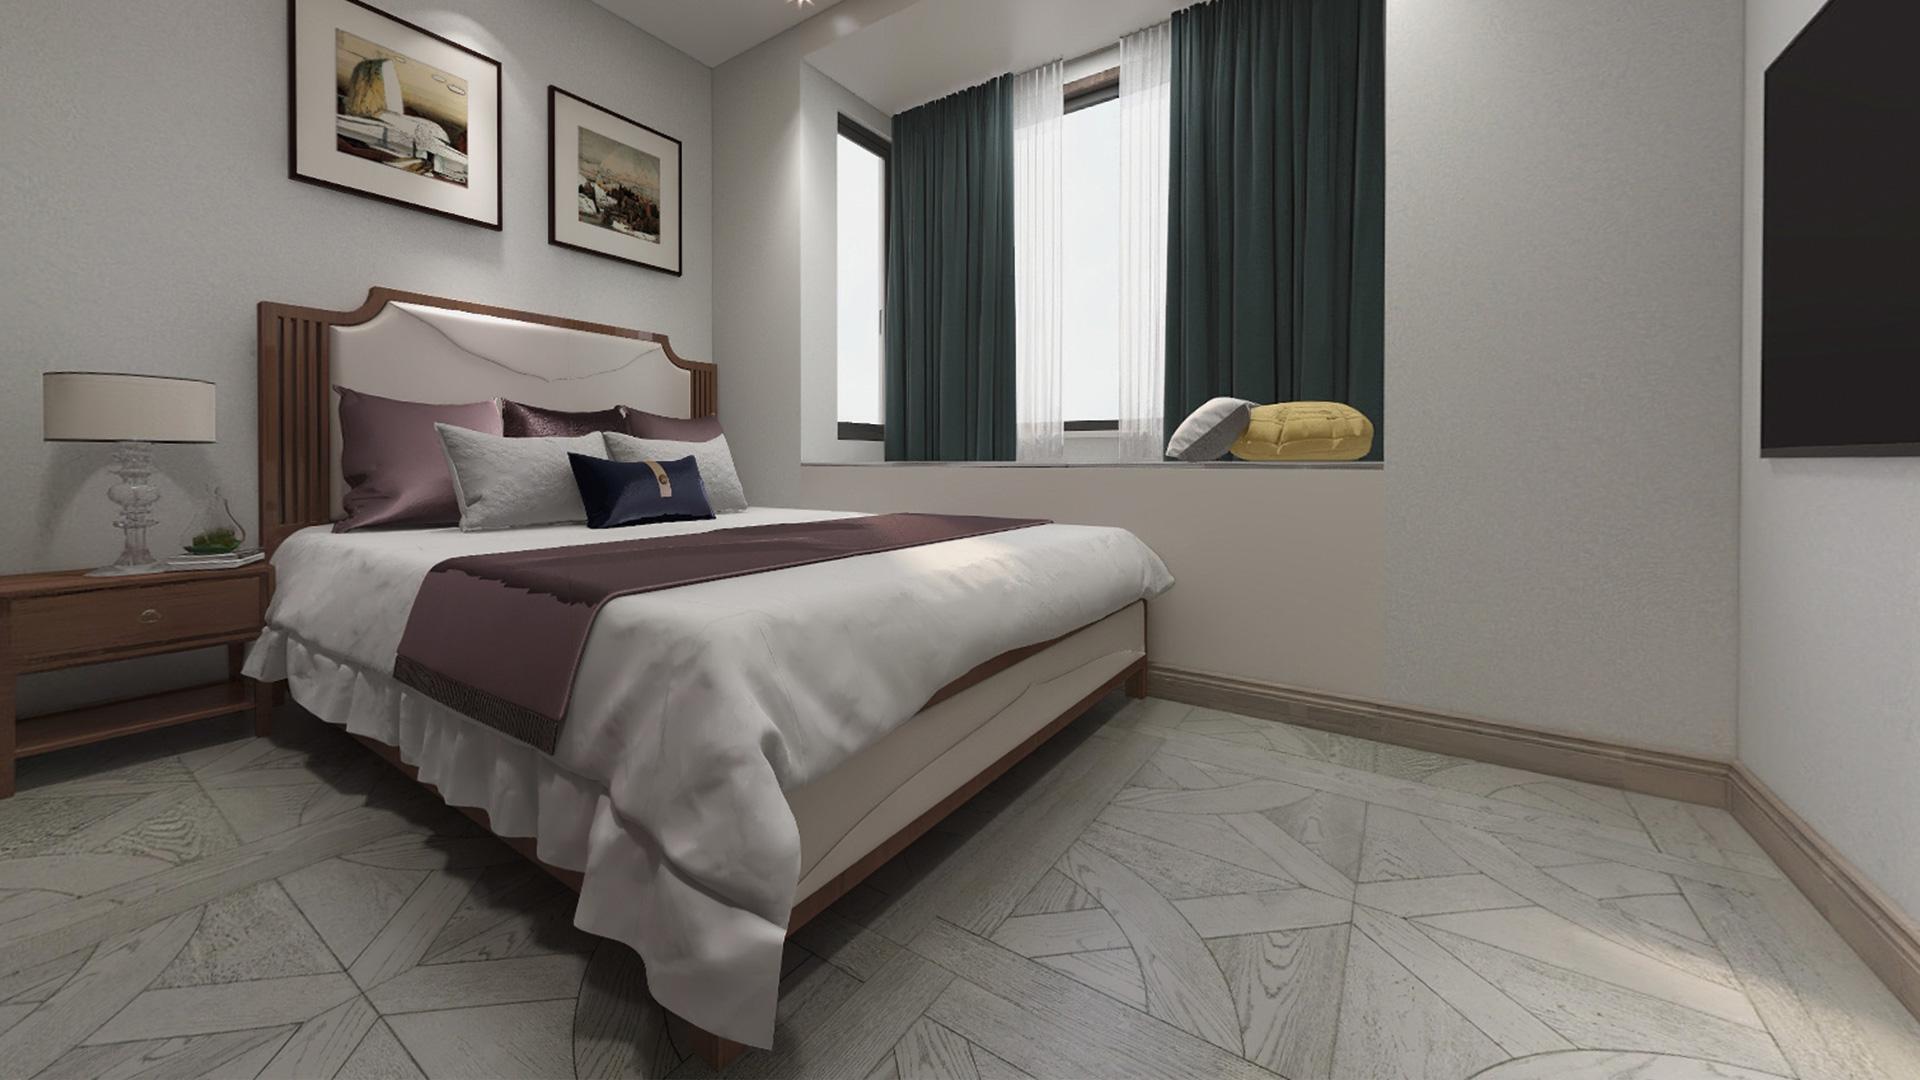 意大利GARBELOTTO实木复合地板,白金色博得鲁方拼